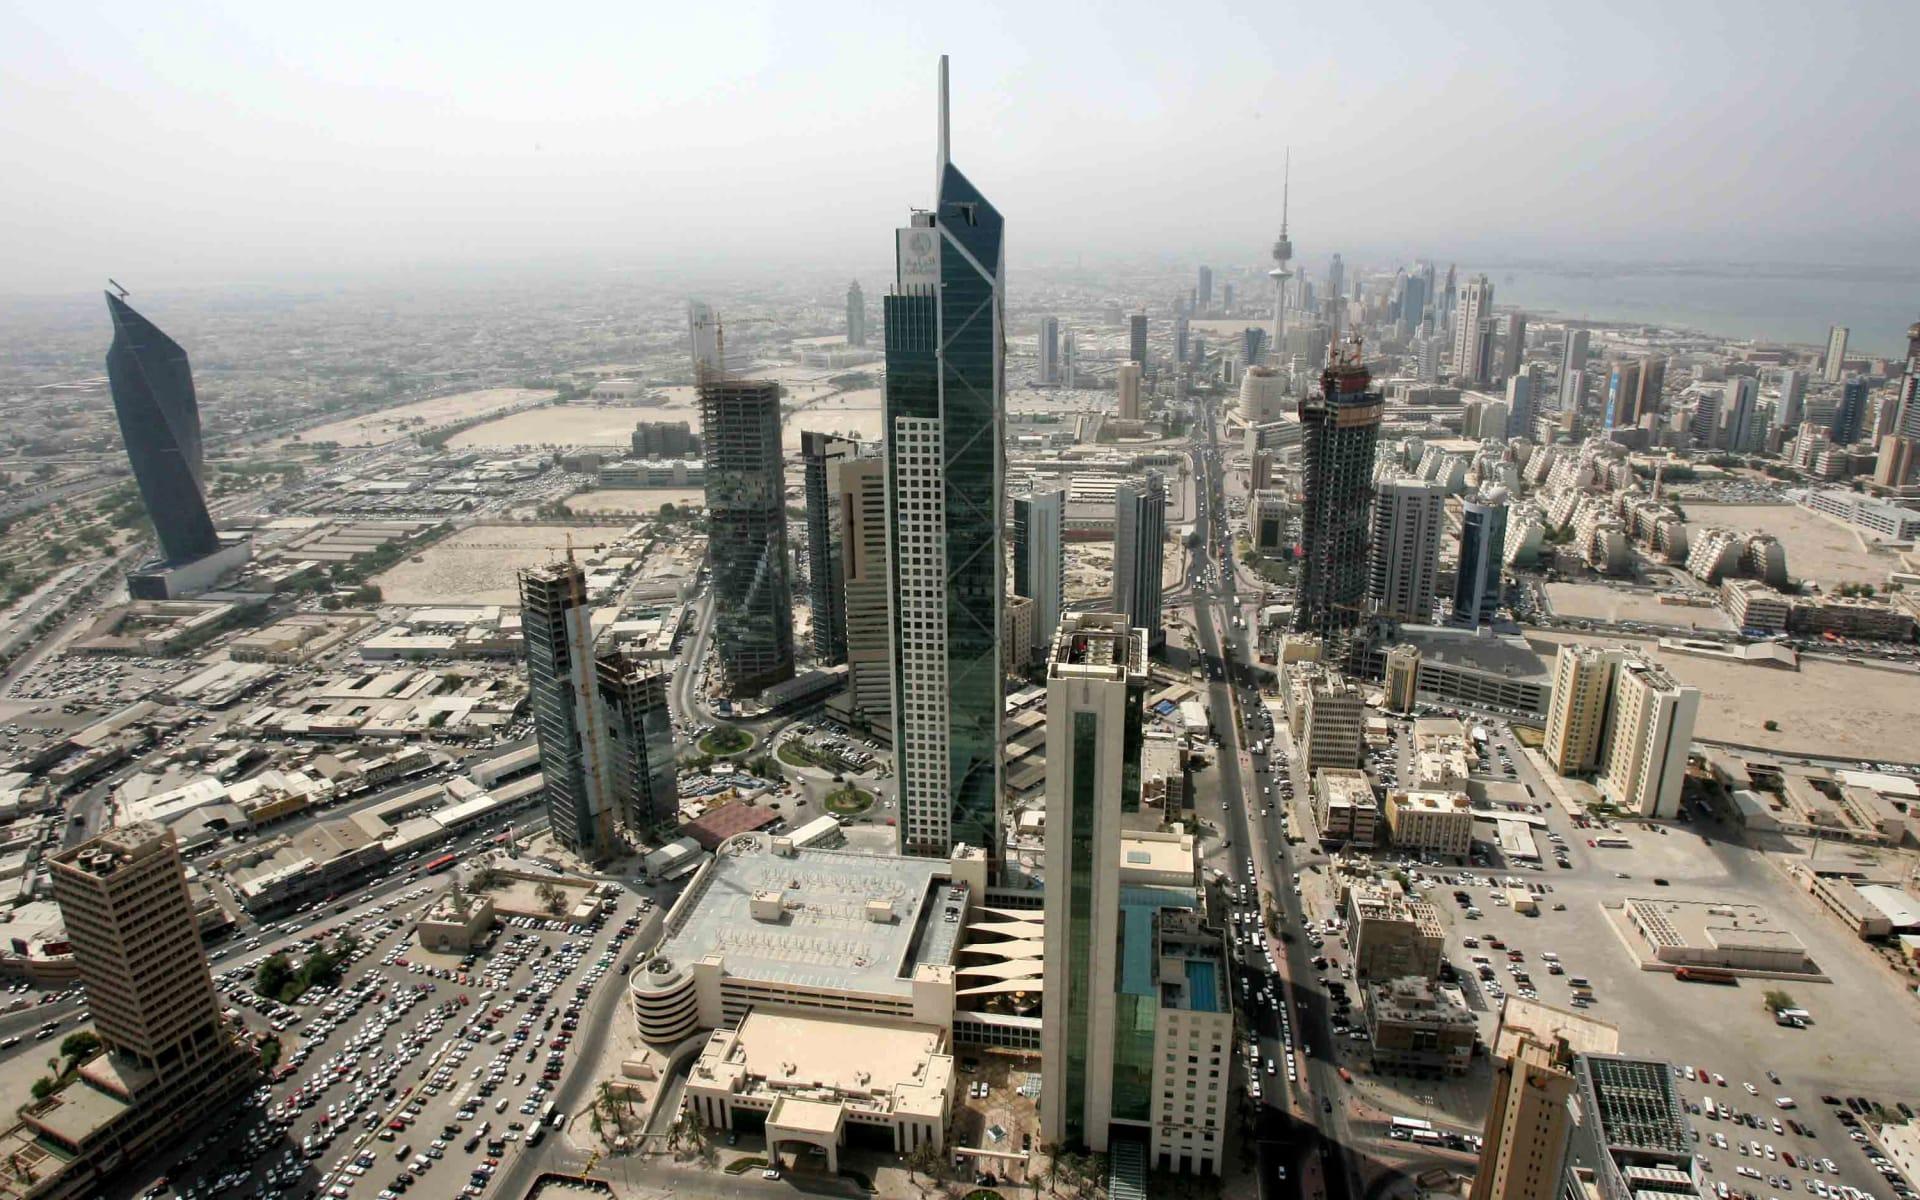 هل تبحث عن عمل في الكويت؟ إليك 8 أمور عليك معرفتها في 2017